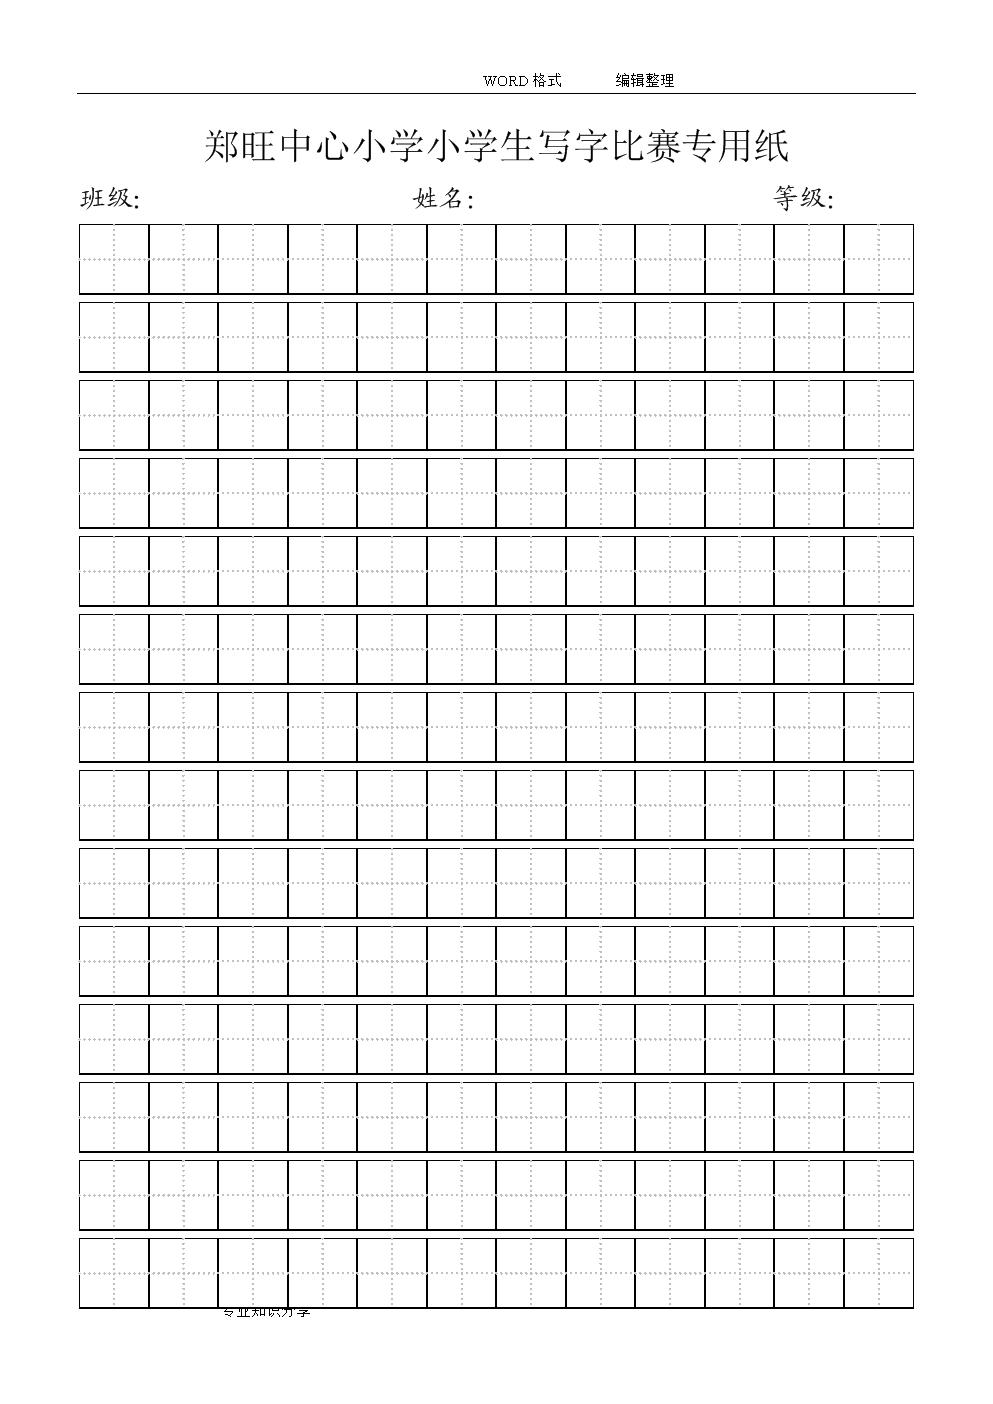 郑旺中心小学小学生写字实验专用纸校区田字格集团标准小学教育宁海县比赛实验图片